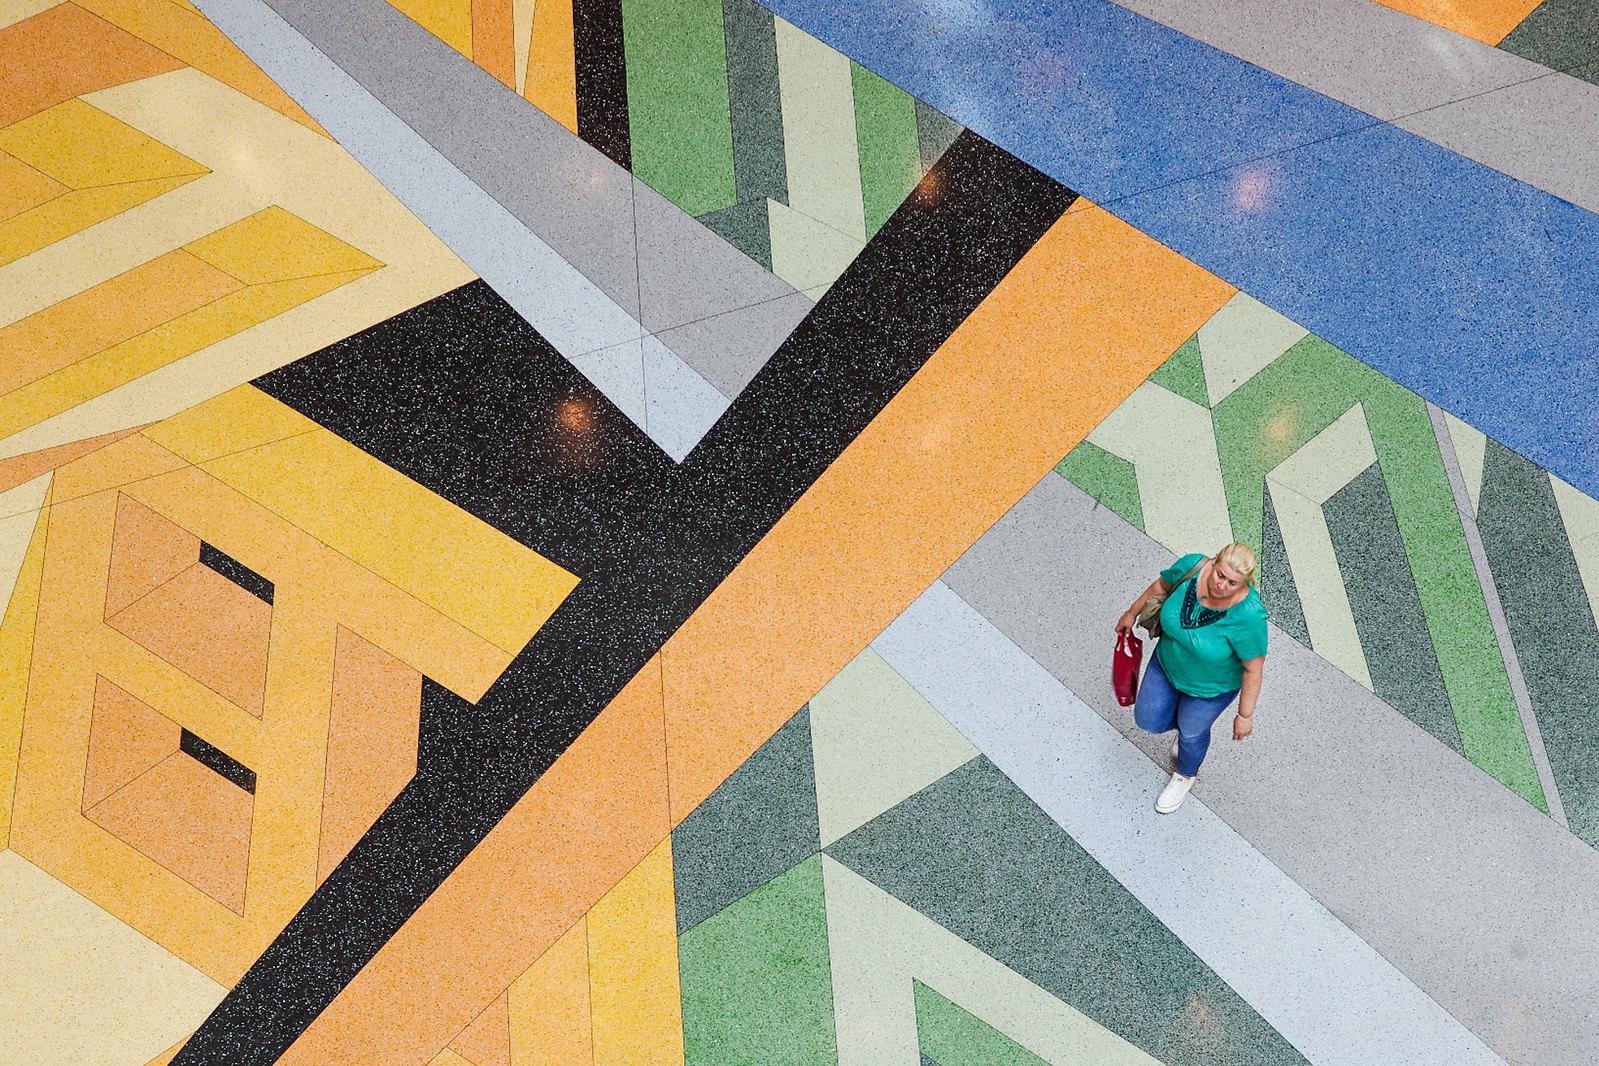 Architecture à Berlin - Les mosaïques du nouveau centre commercial Alexa